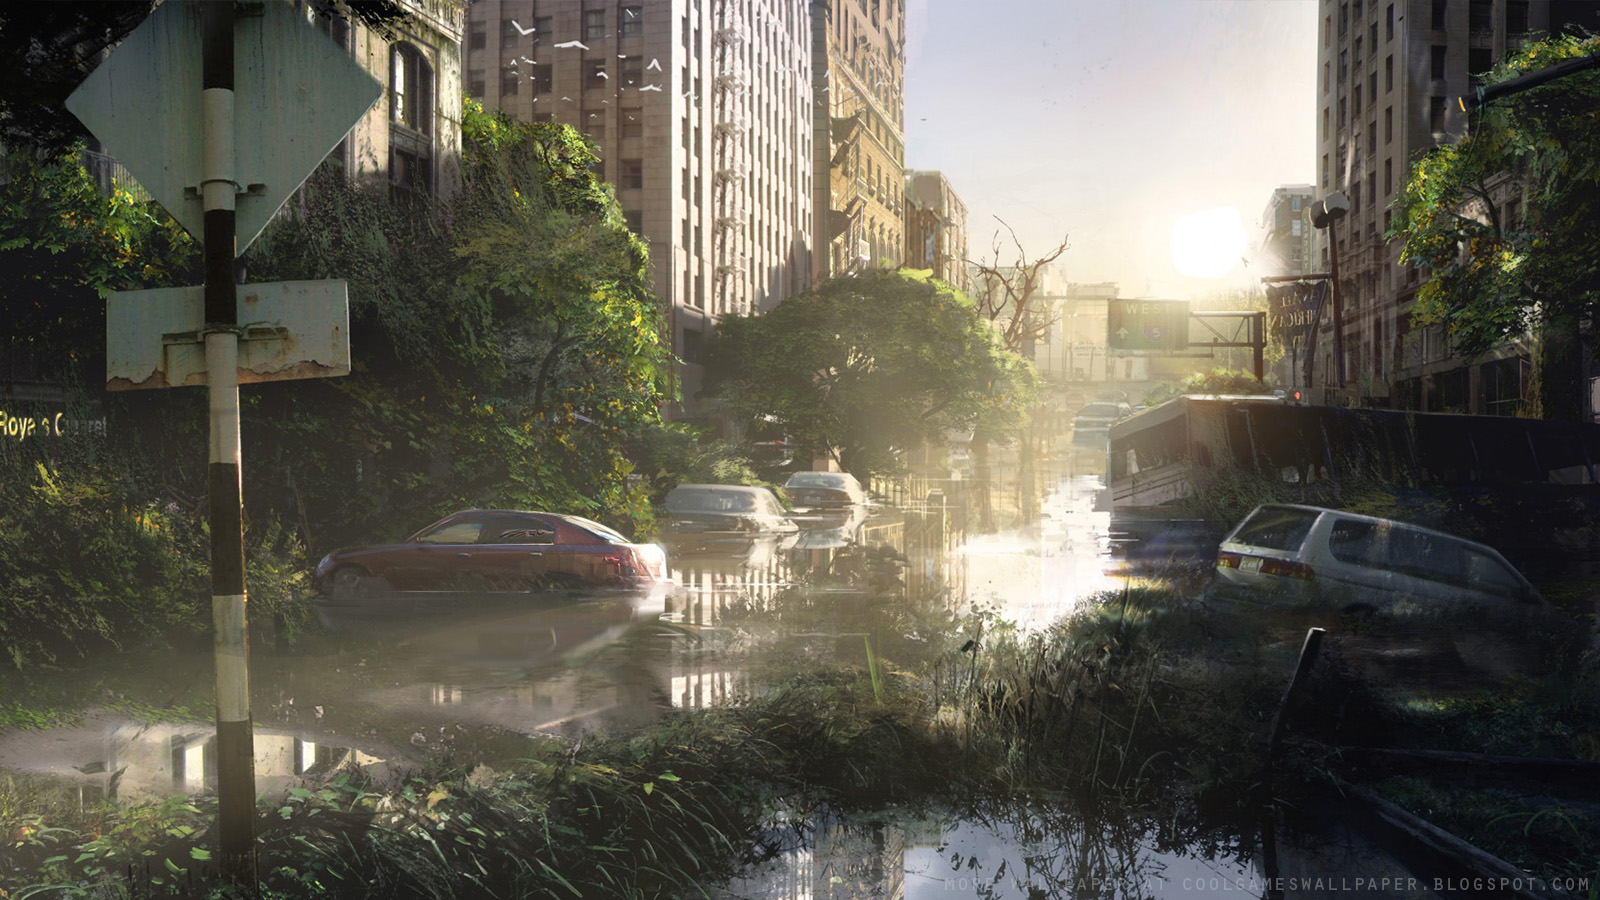 The Last Of Us Background   1600x900 iWallHD   Wallpaper HD 1600x900